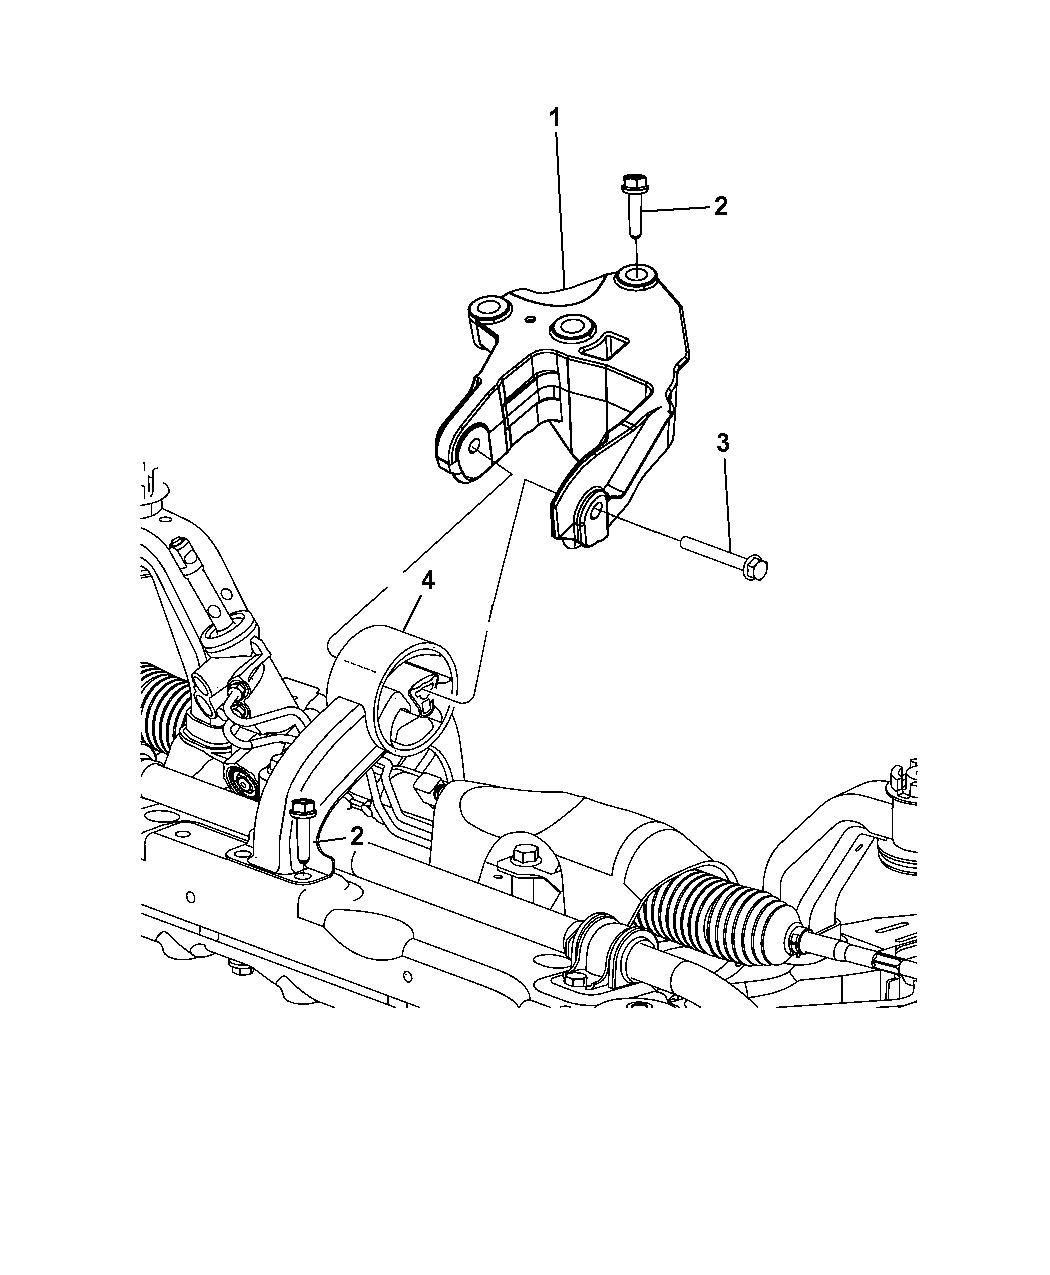 5085510AB - Genuine Chrysler ISOLATOR